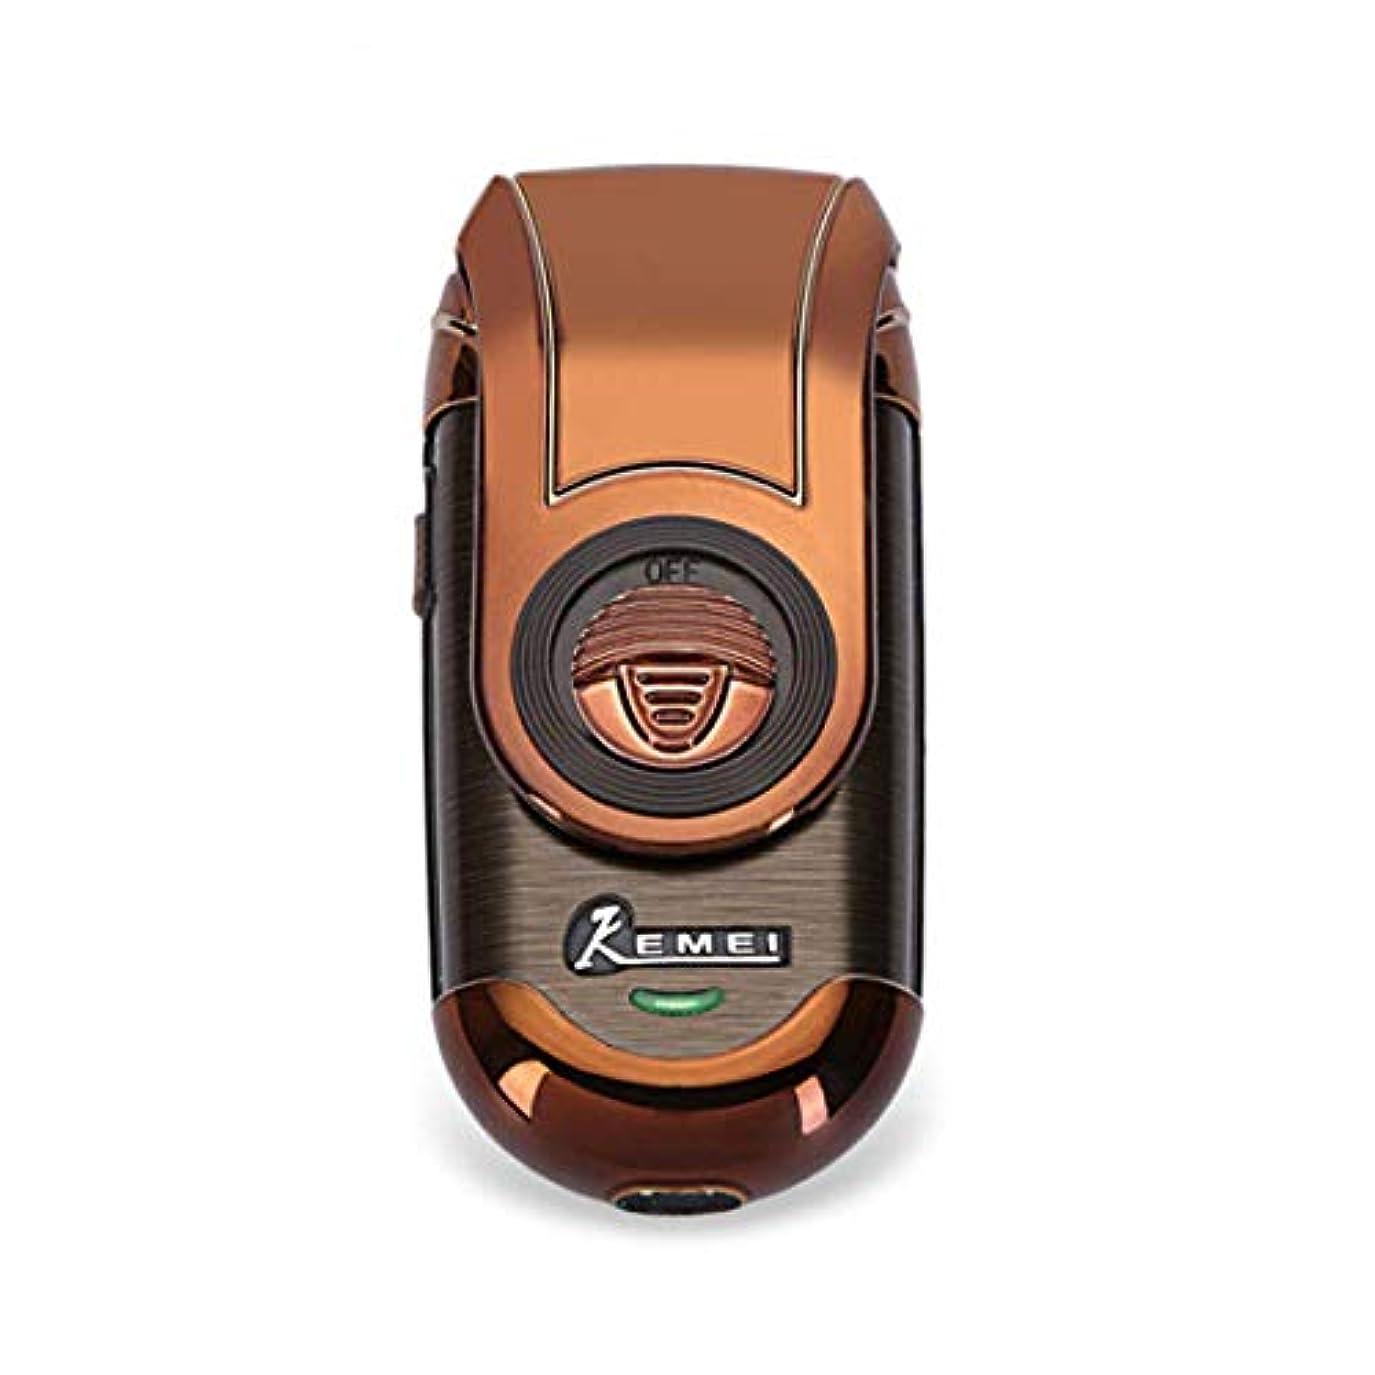 作曲する下手監督する再充電可能な電気かみそりコードレスひげトリマー3D浮遊刃ホイル旅行シェーバー、ポップアップトリマーを往復させる人の小型携帯用電気かみそり